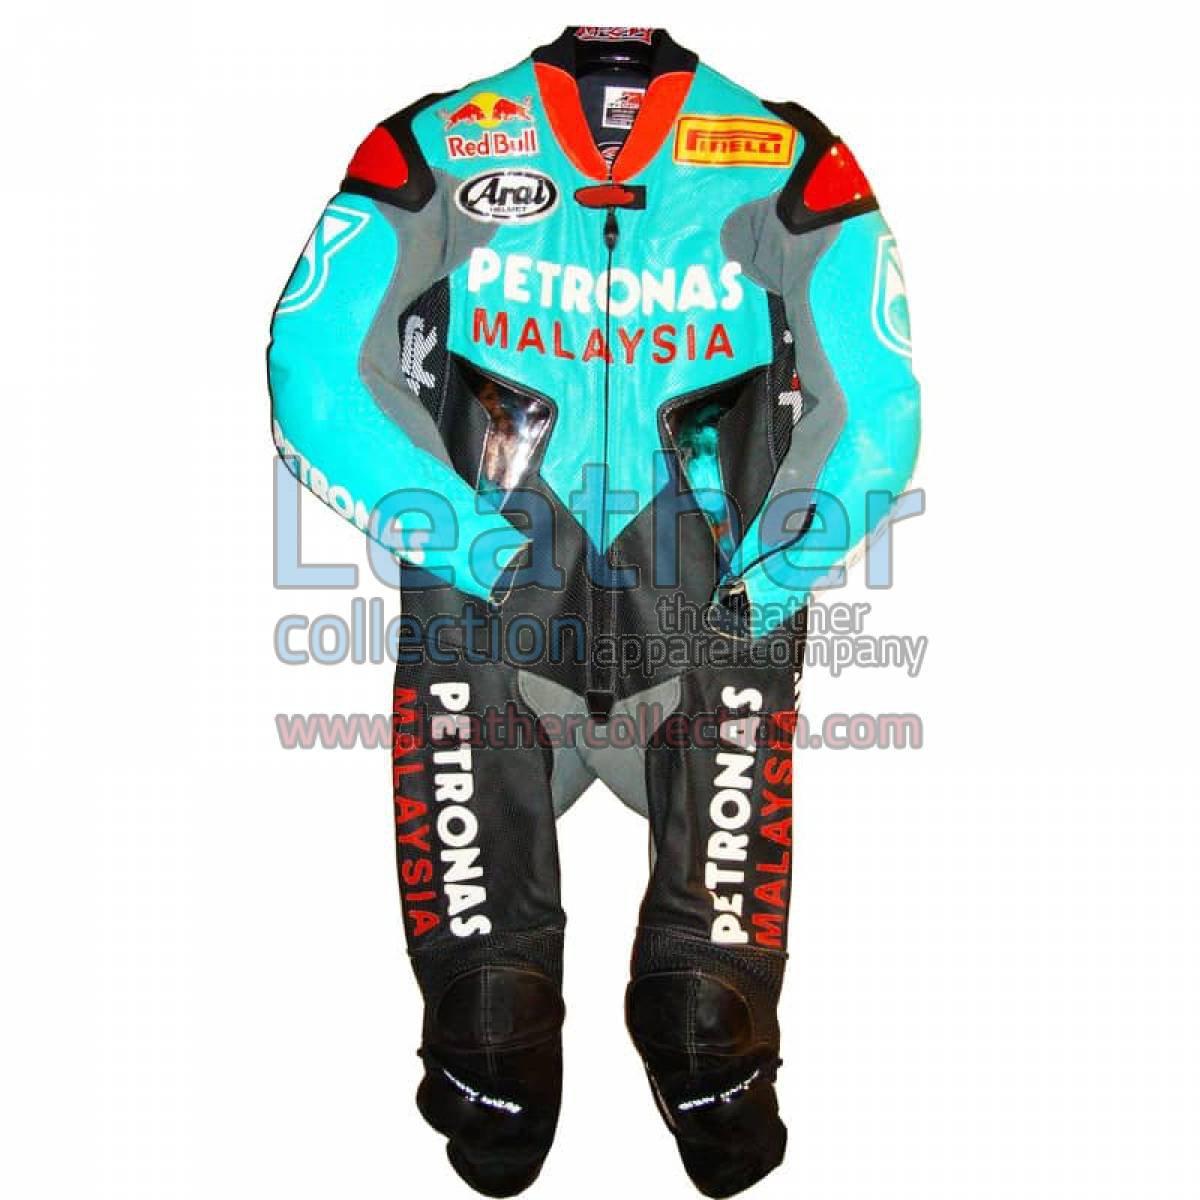 Garry McCoy Replica Petronas GP 2005 Leather Suit